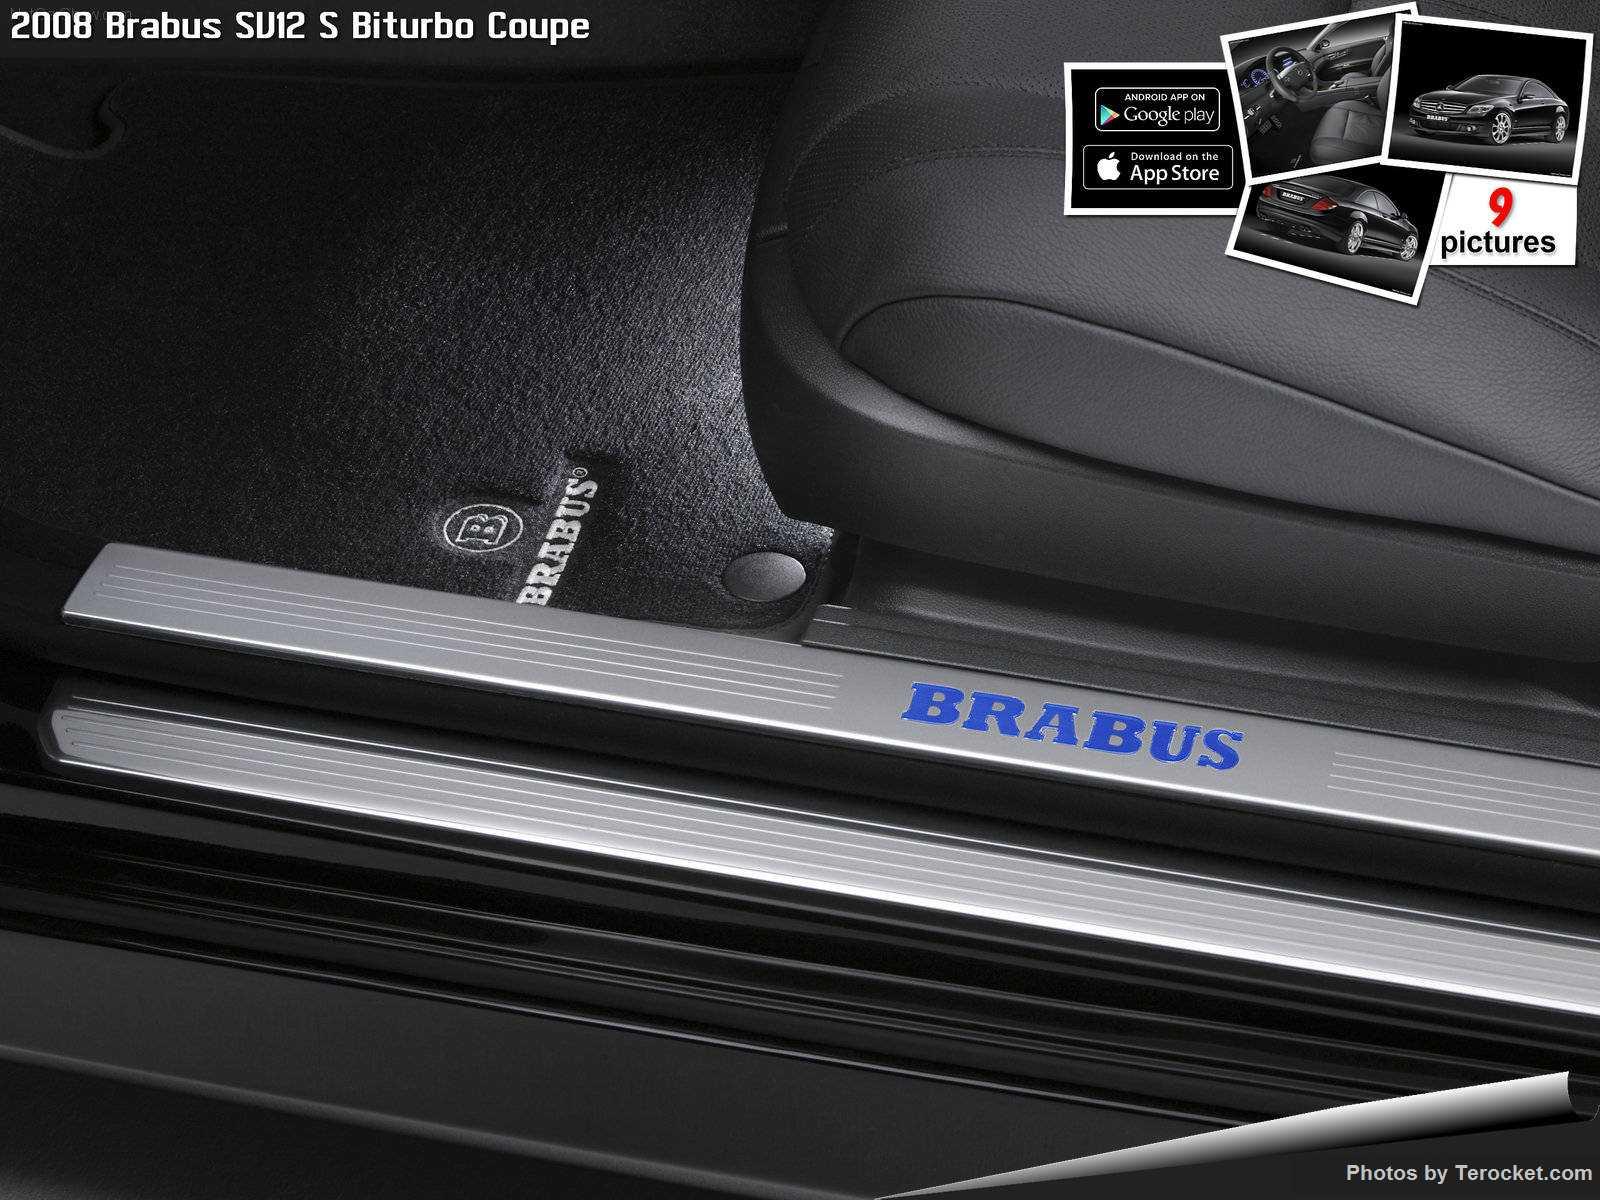 Hình ảnh xe ô tô Brabus SV12 S Biturbo Coupe 2008 & nội ngoại thất